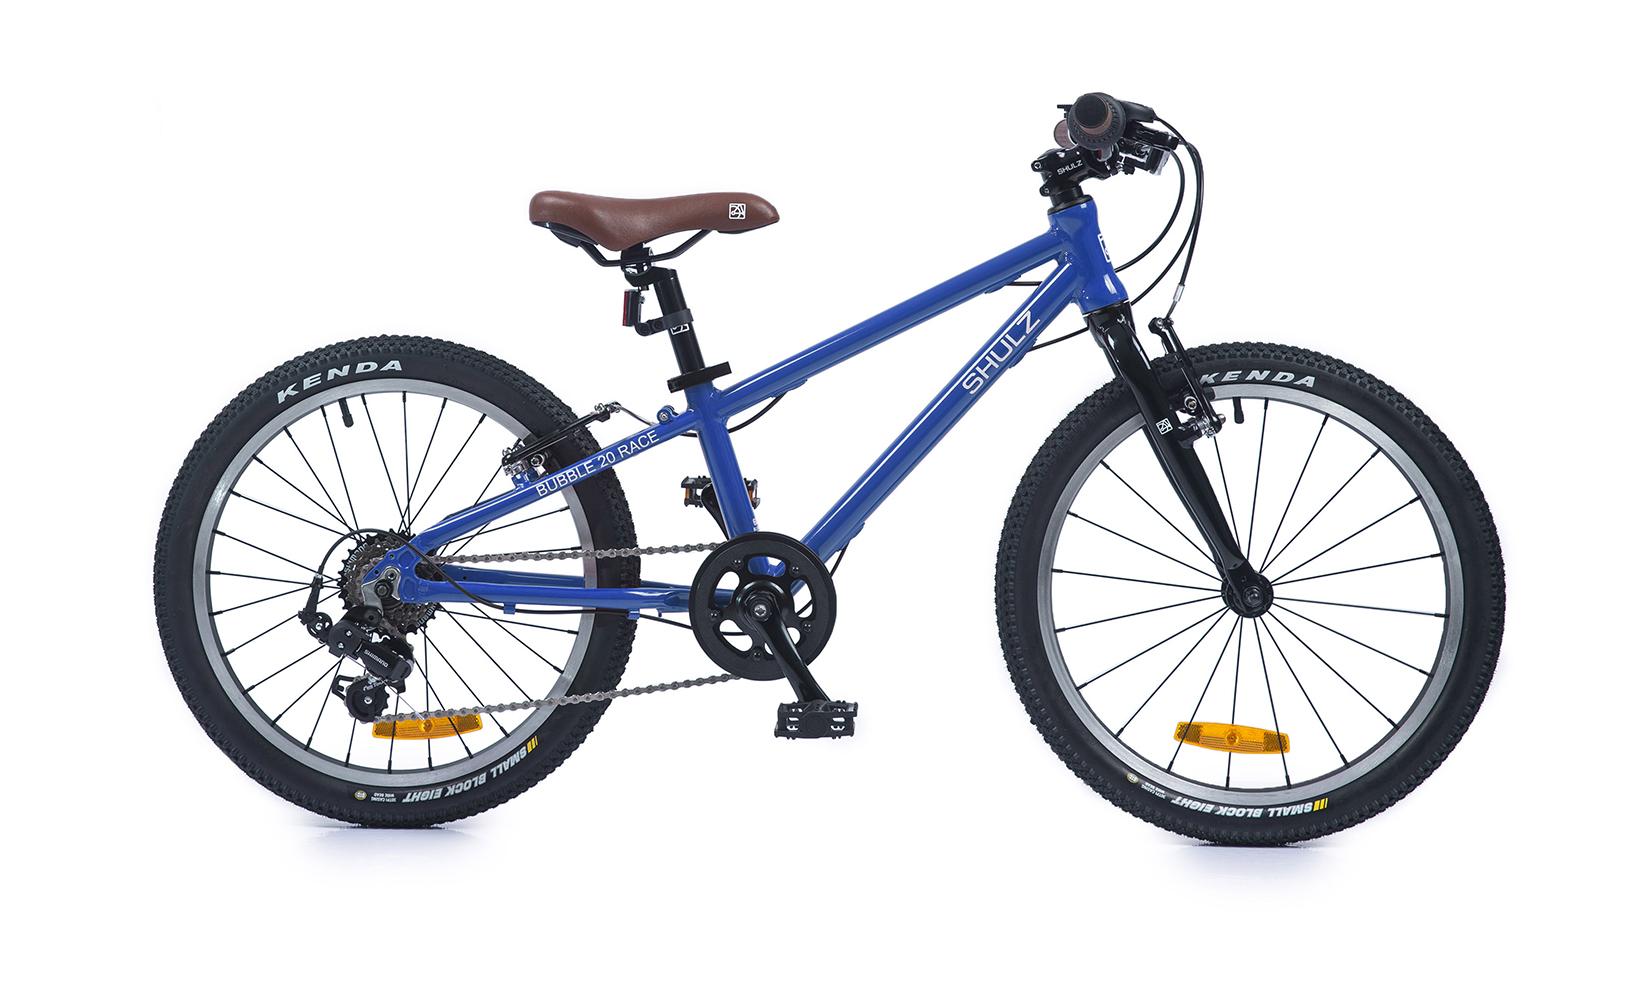 Купить Bubble 20 Race (2020) (One size), Детский велосипед Shulz Bubble 20 Race 2020 синий, Детские двухколесные велосипеды